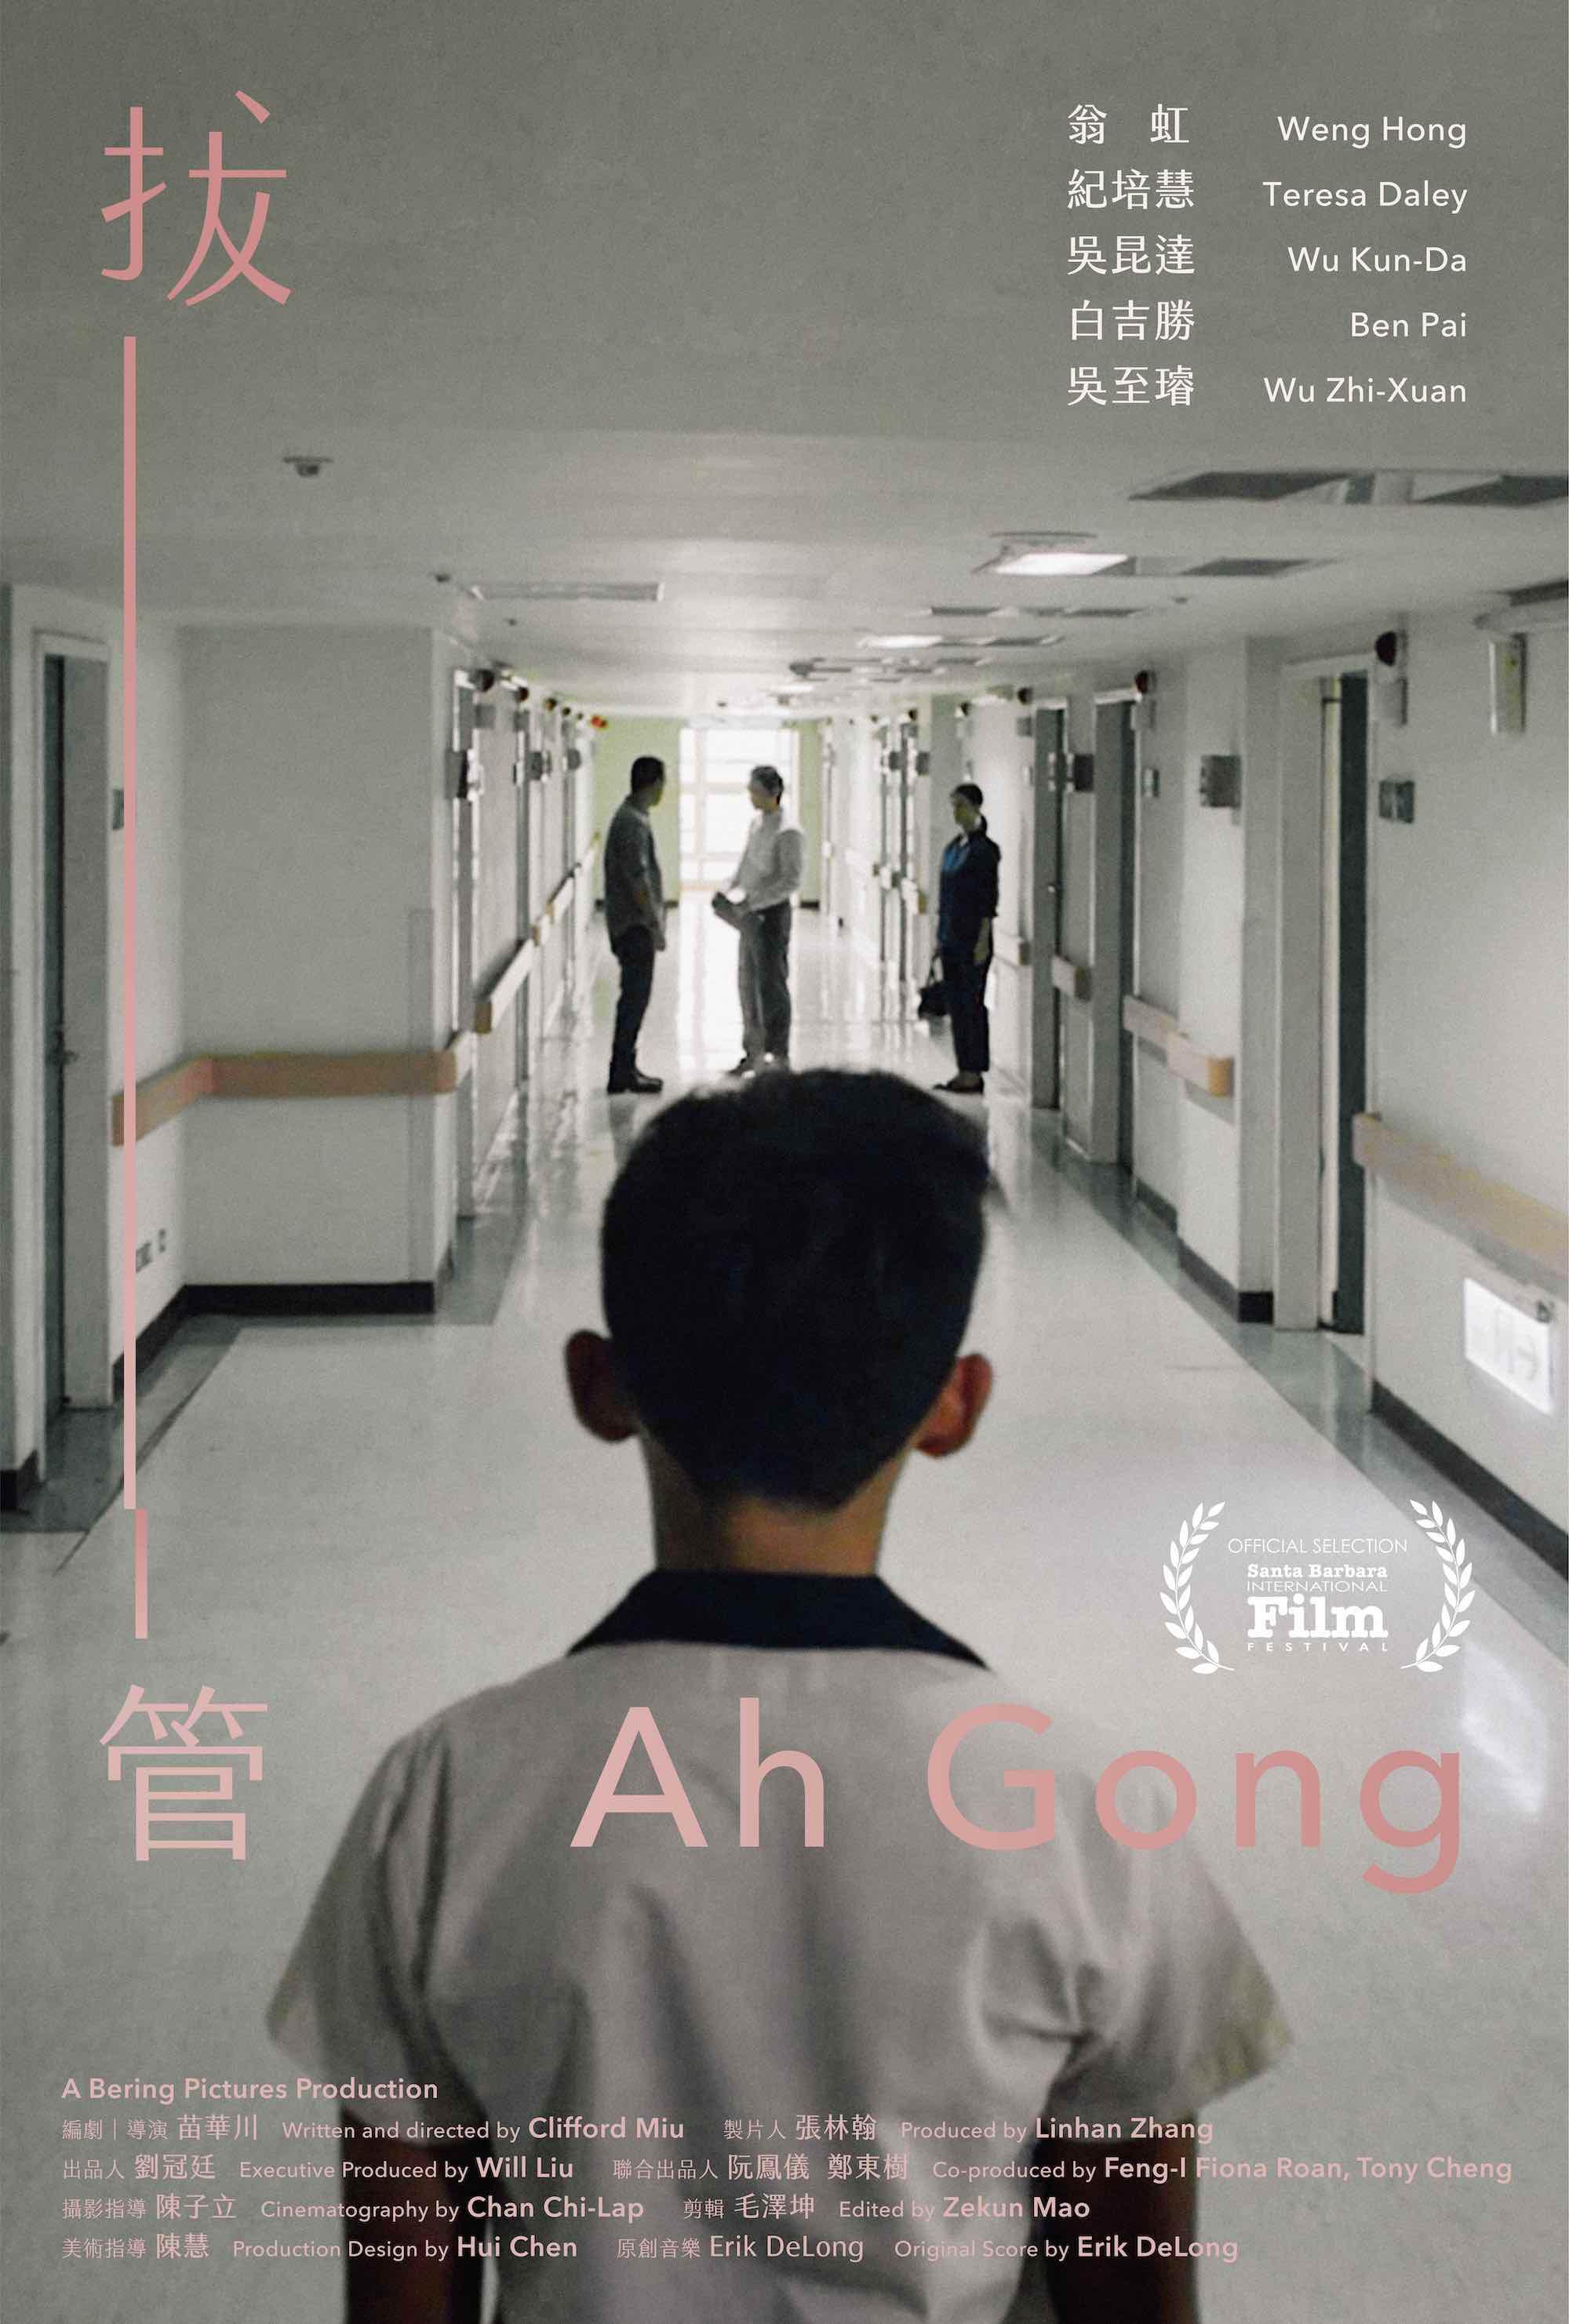 Ah Gong (Grandpa) poster